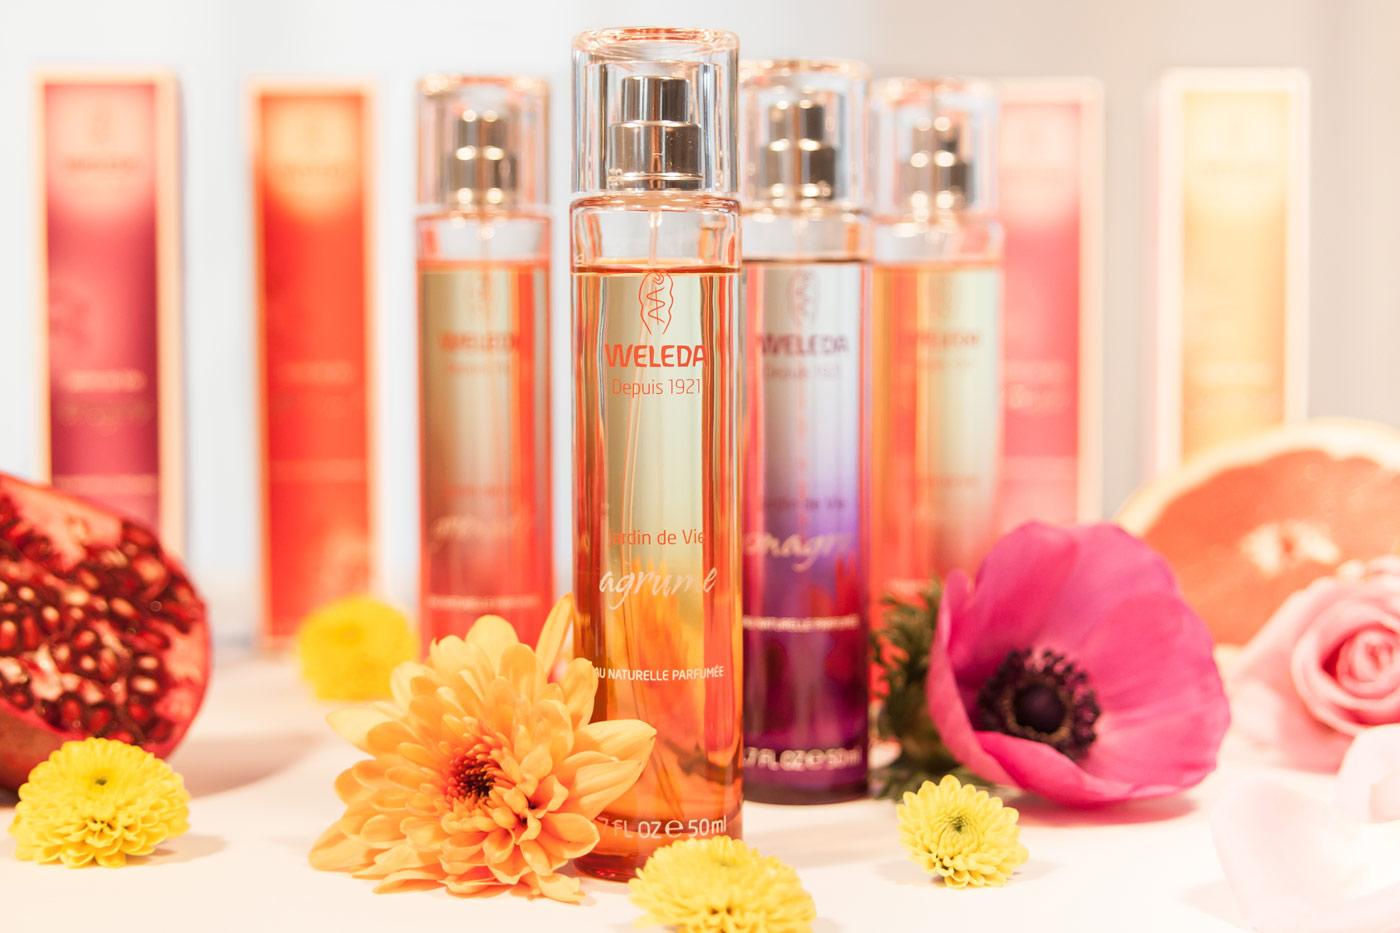 Parfüm Weleda Erfahrungsbericht